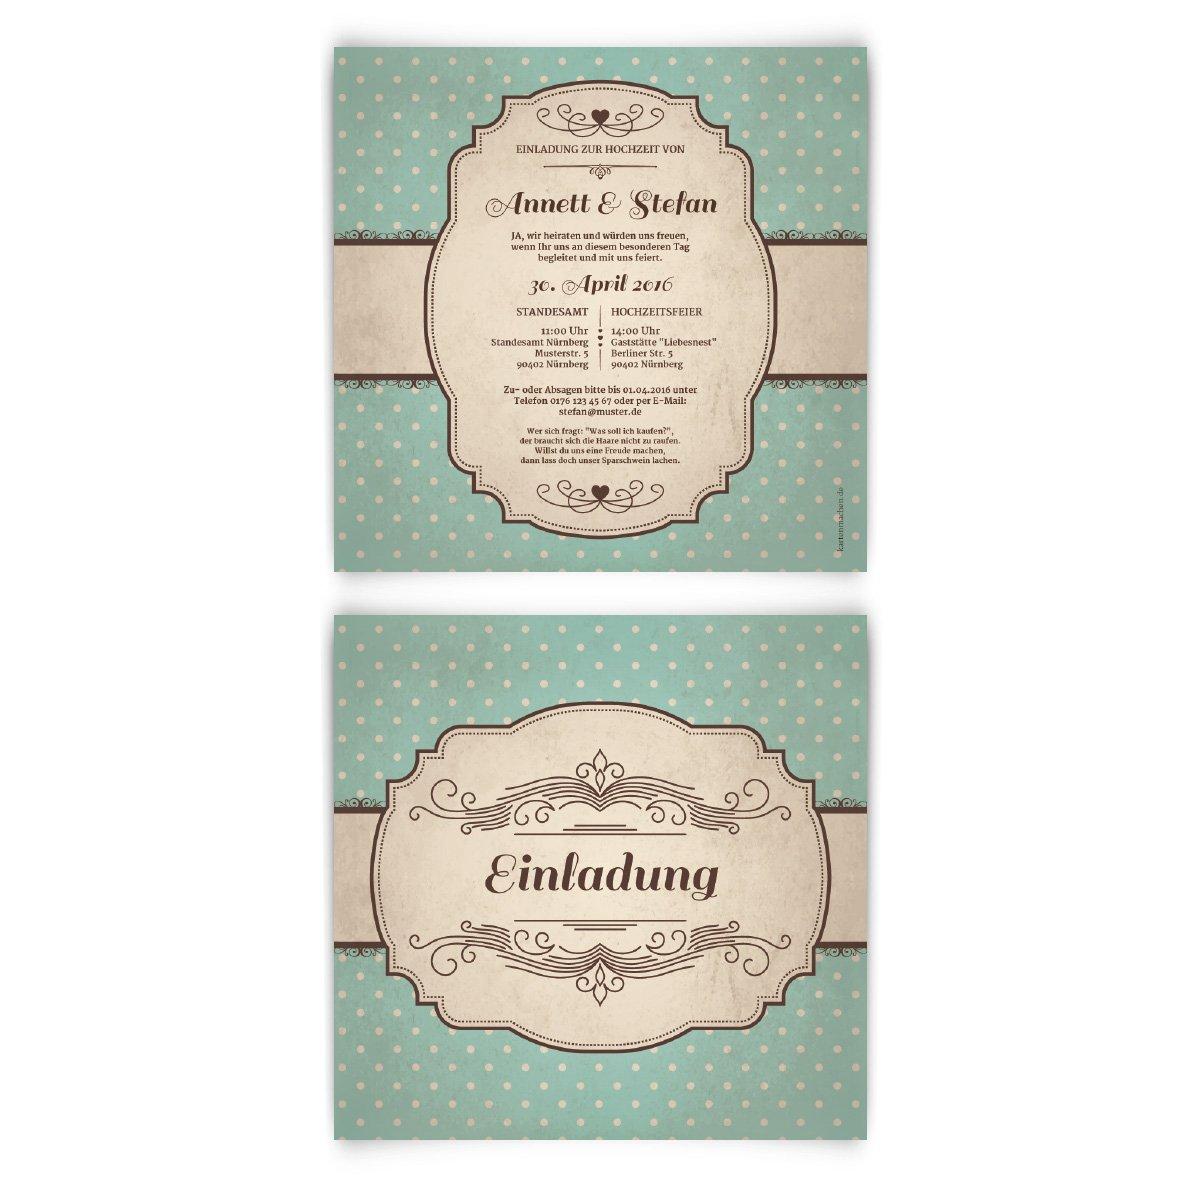 Hochzeitseinladungen 30 stück 50er jahre vintage retro einladungskarten karten einladung amazon de bürobedarf schreibwaren